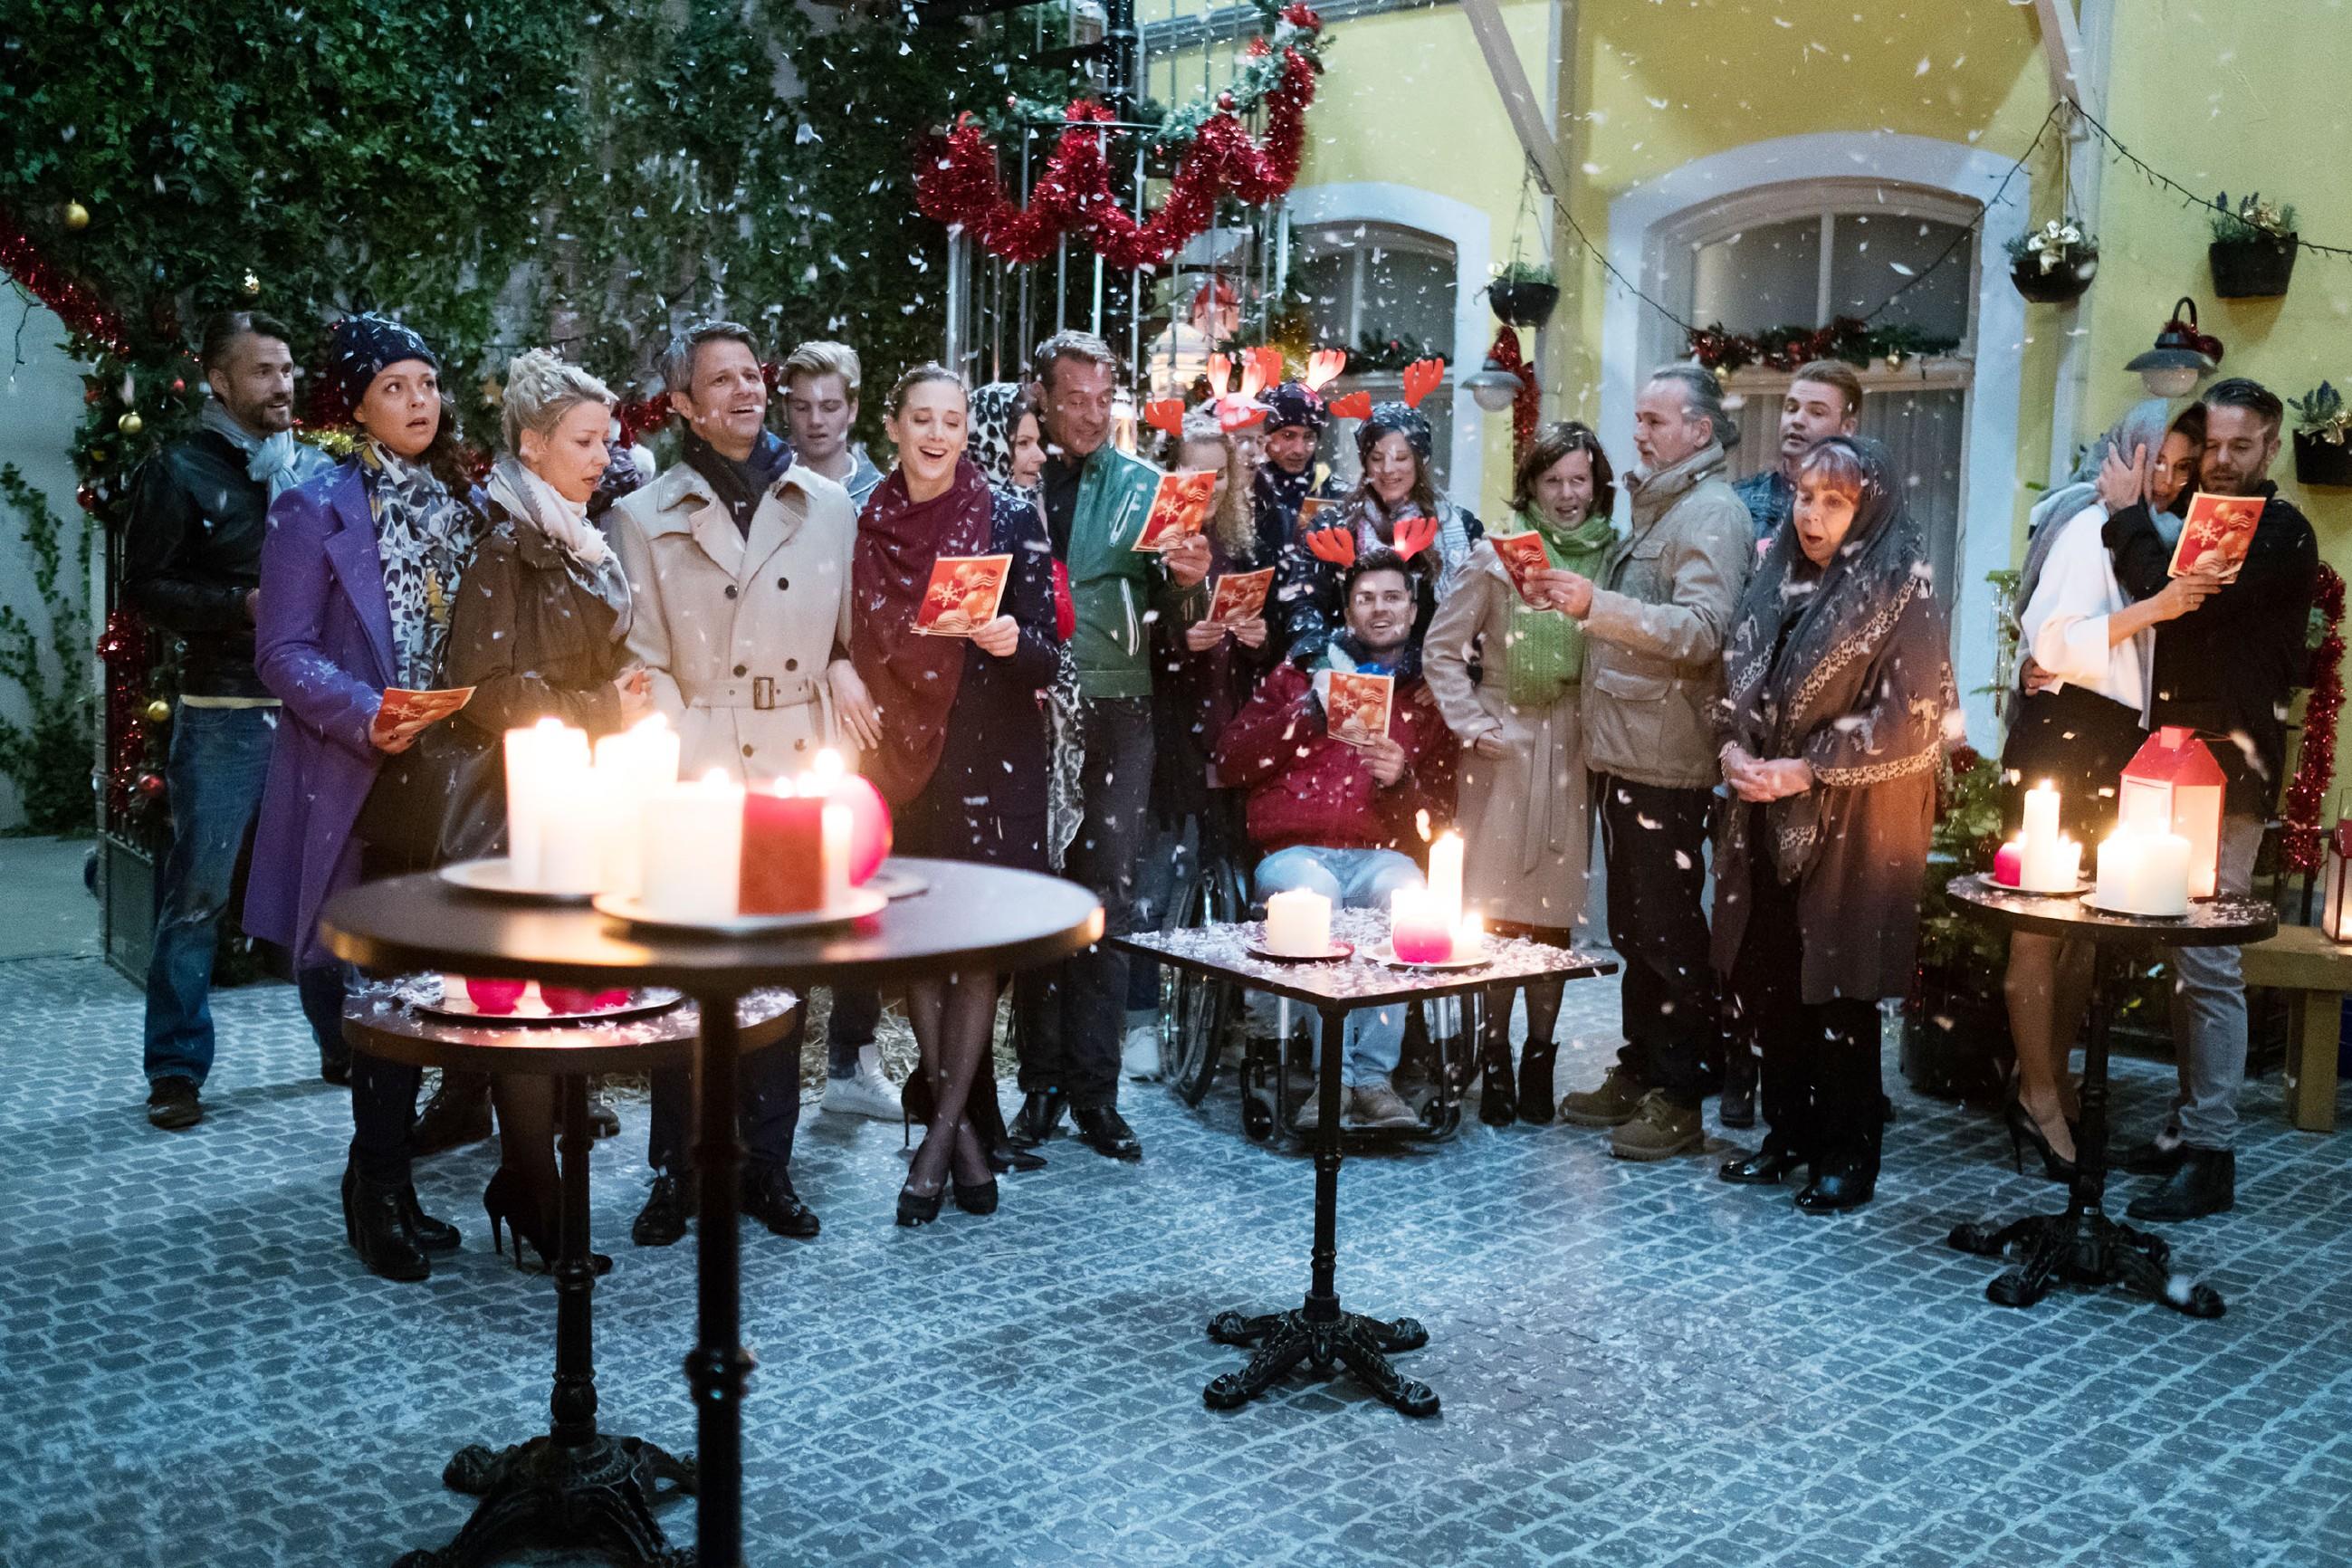 Traditionell haben sich die Bewohner der Schillerallee, v.l.) Malte (Stefan Bockelmann), Caro (Ines Kurenbach), Ute (Isabell Hertel), Benedikt (Jens Hajek), Valentin (Aaron Koszuta), Andrea (Kristin Meyer), Britta (Tabea Heynig), Rufus (Kai Noll), KayC (Pauline Angert), Ringo (Timothy Boldt), Paco (Milos Vukovic), Elli (Nora Koppen), Irene (Petra Blossey), Robert (Luca Maric), Bambi (Benjamin Heinrich), Roswitha (Andrea Brix), Eva (Claudelle Deckert) und Till (Ben Ruedinger), im Innenhof zum gemeinsamen Singen eingefunden. (Quelle: RTL / Stefan Behrens)